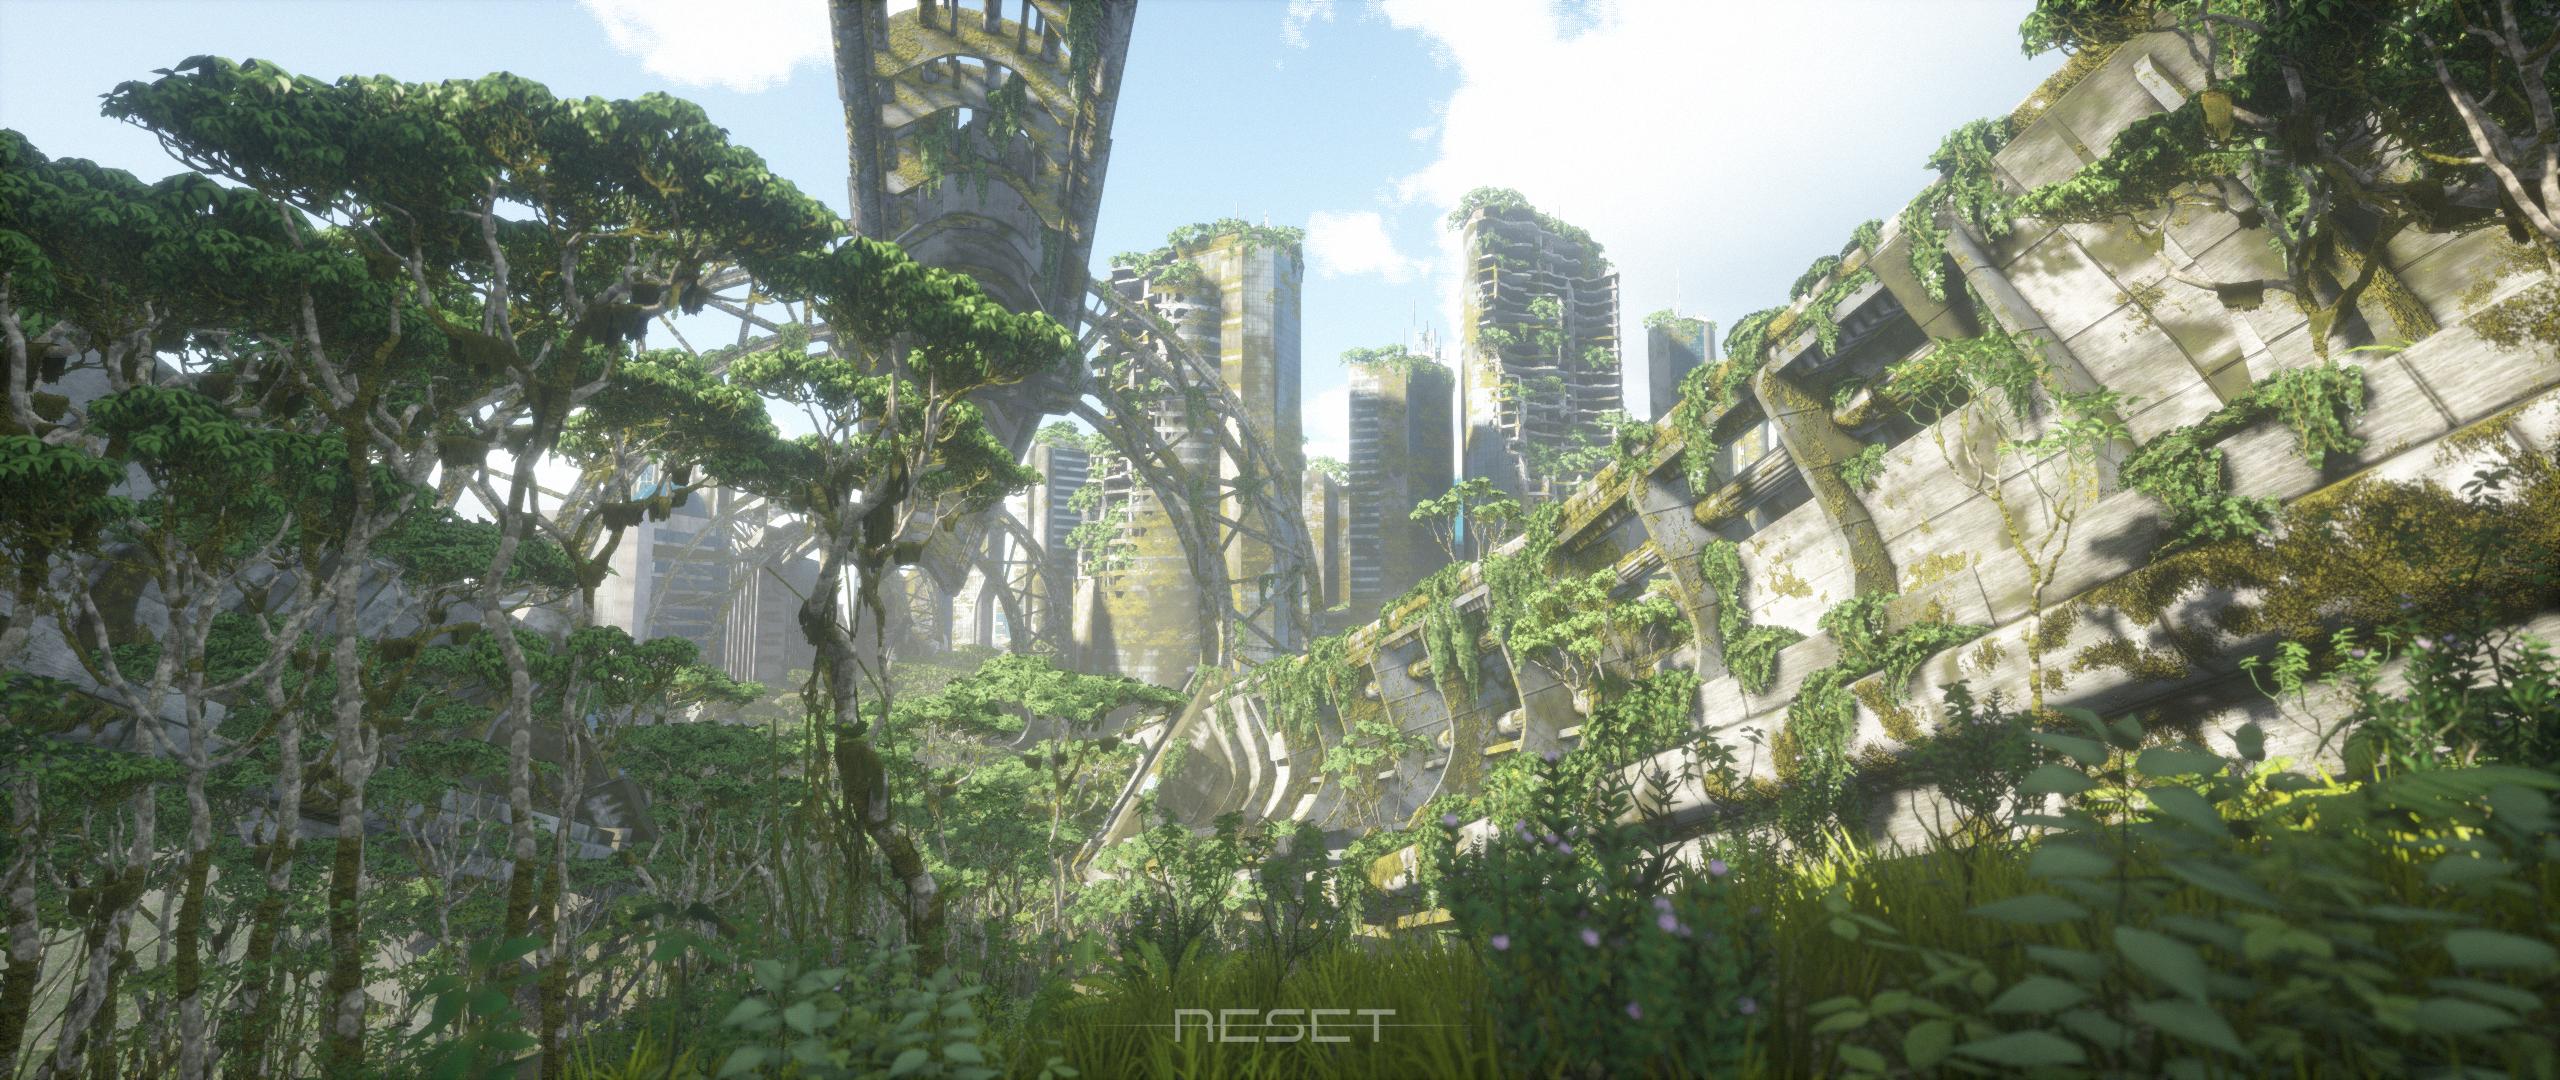 reset_overgrowth